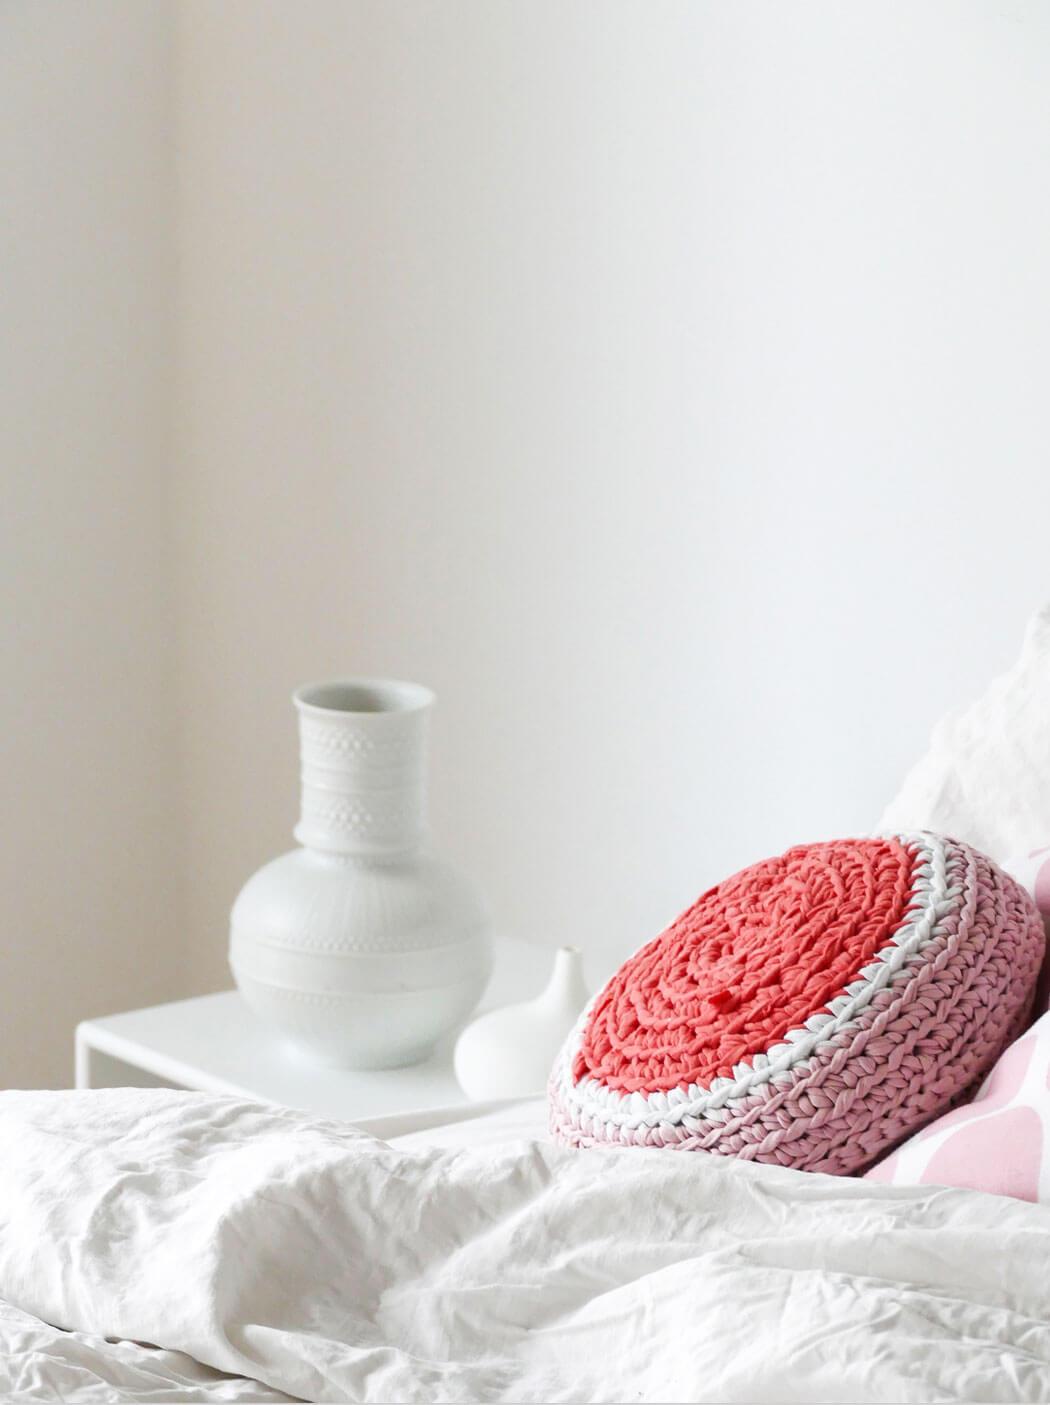 Lumikello | Upcycling Idee für dein Zuhause